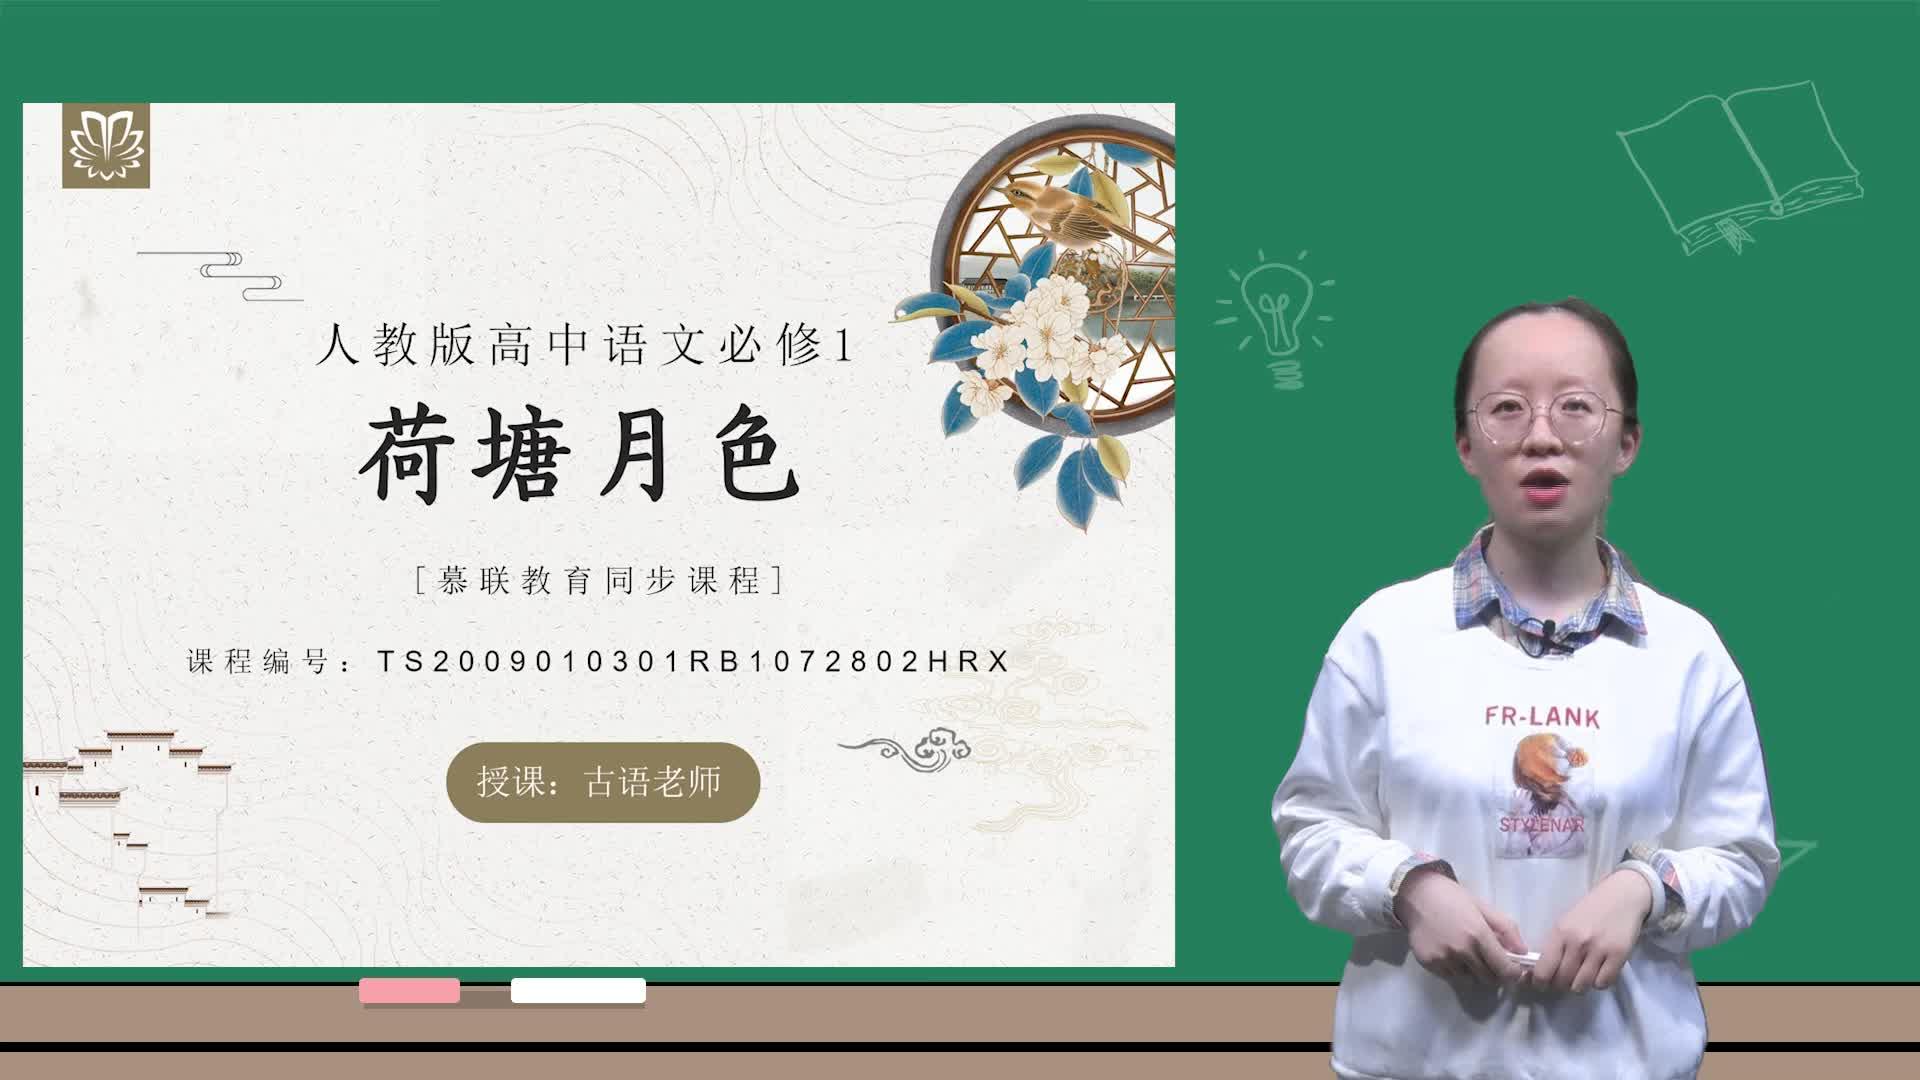 视频7.28.2荷塘月色-【慕联】高中新教材完全同步统编版语文必修上册